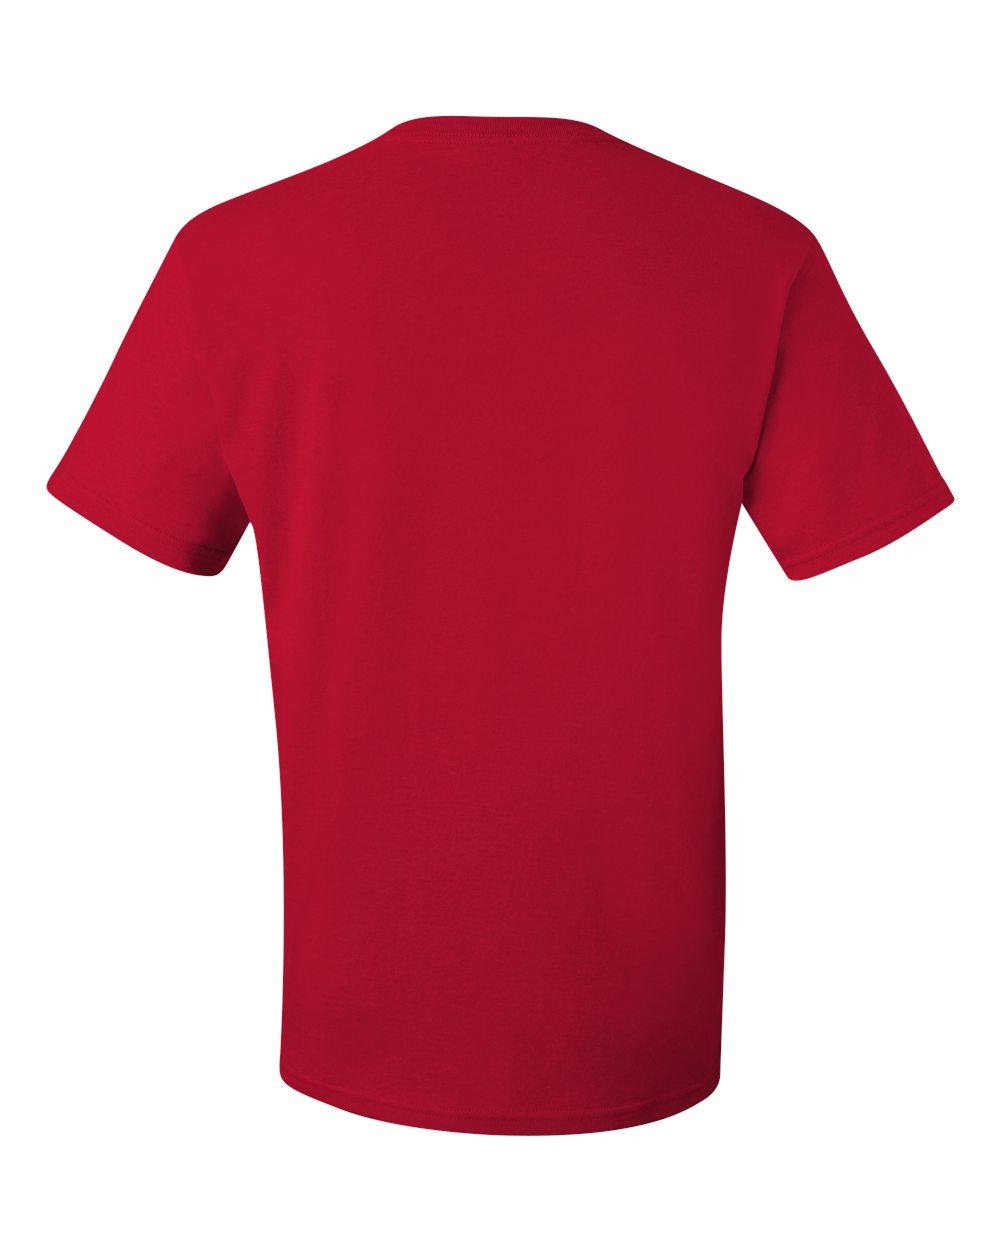 Jerzees-Men-039-s-5-6-oz-50-50-Heavyweight-Blend-T-Shirt-29M-S-4XL thumbnail 37